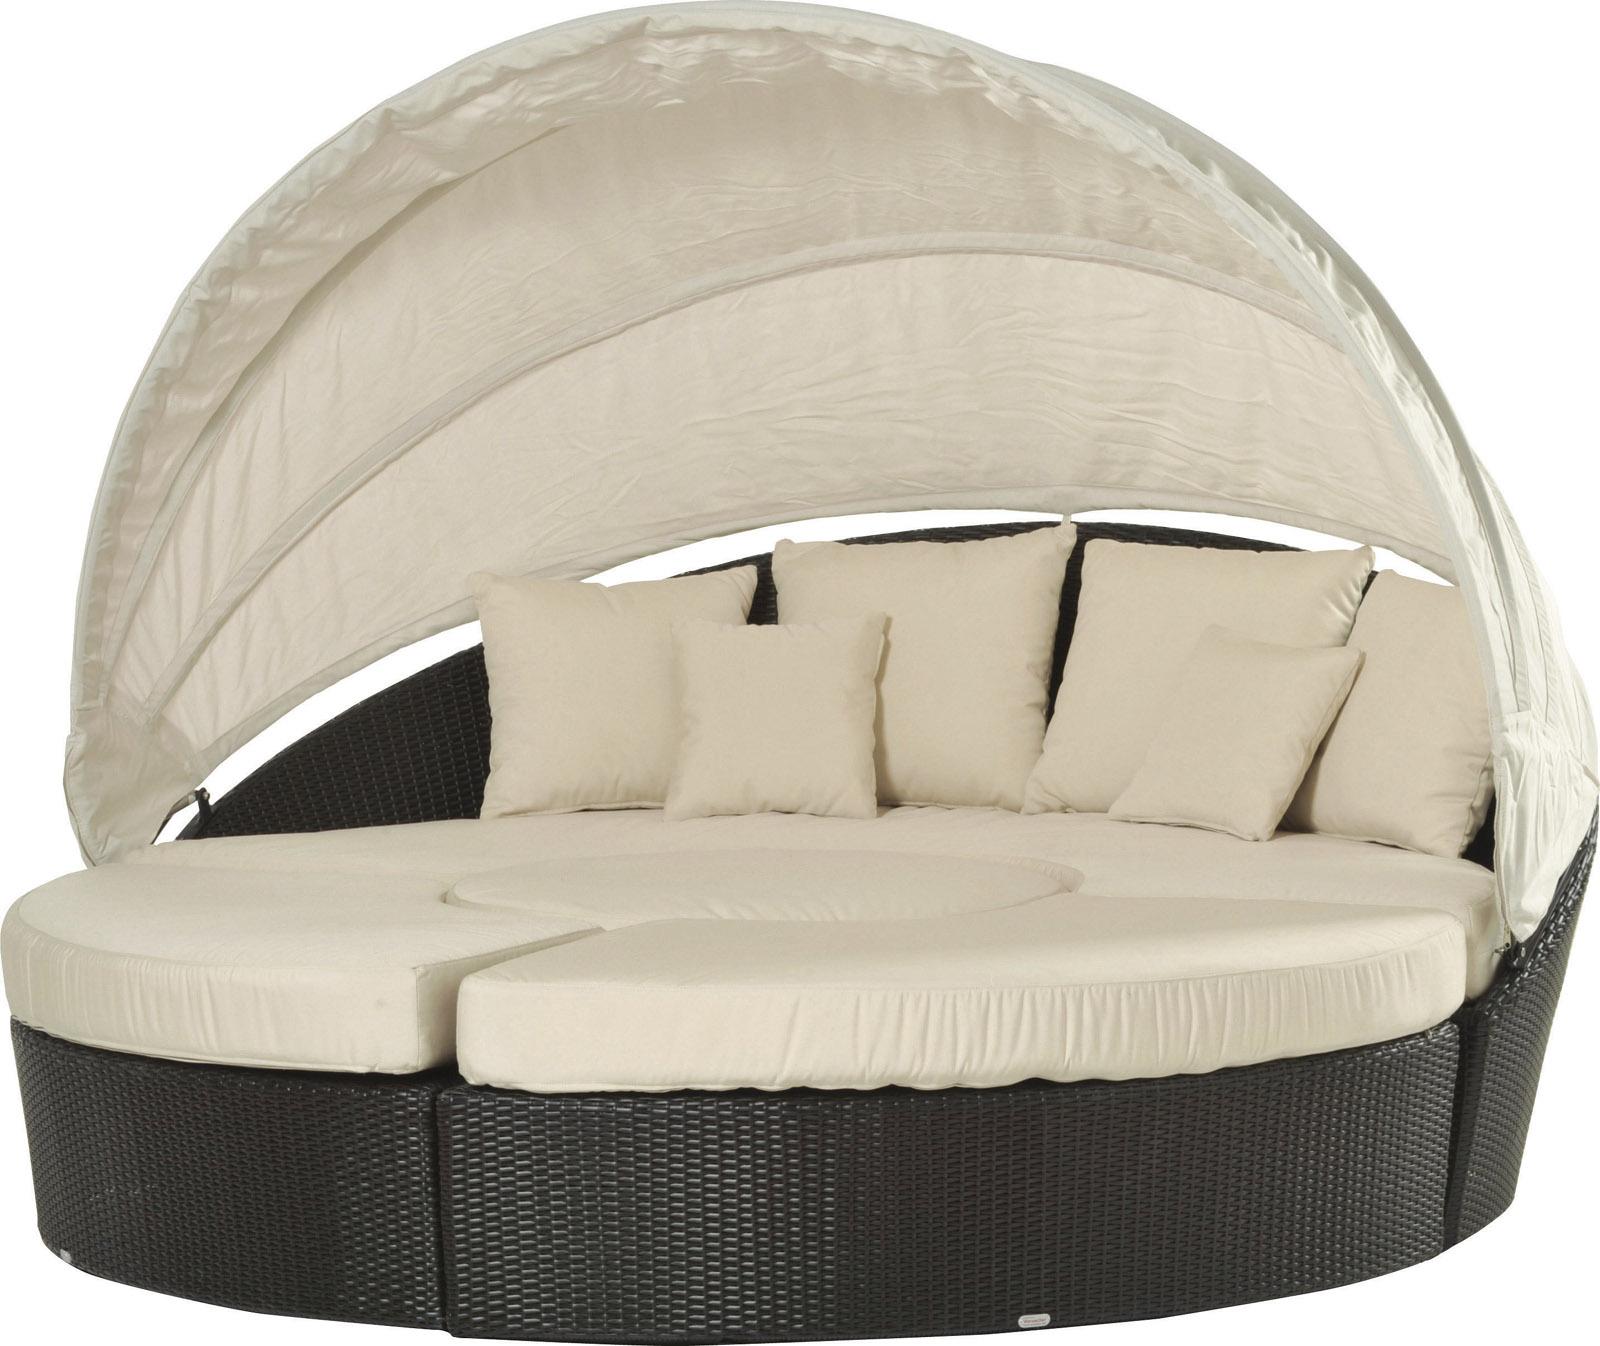 Il decor boston arena semicircolare sofa with hood varaschin italy - Sofa color arena ...